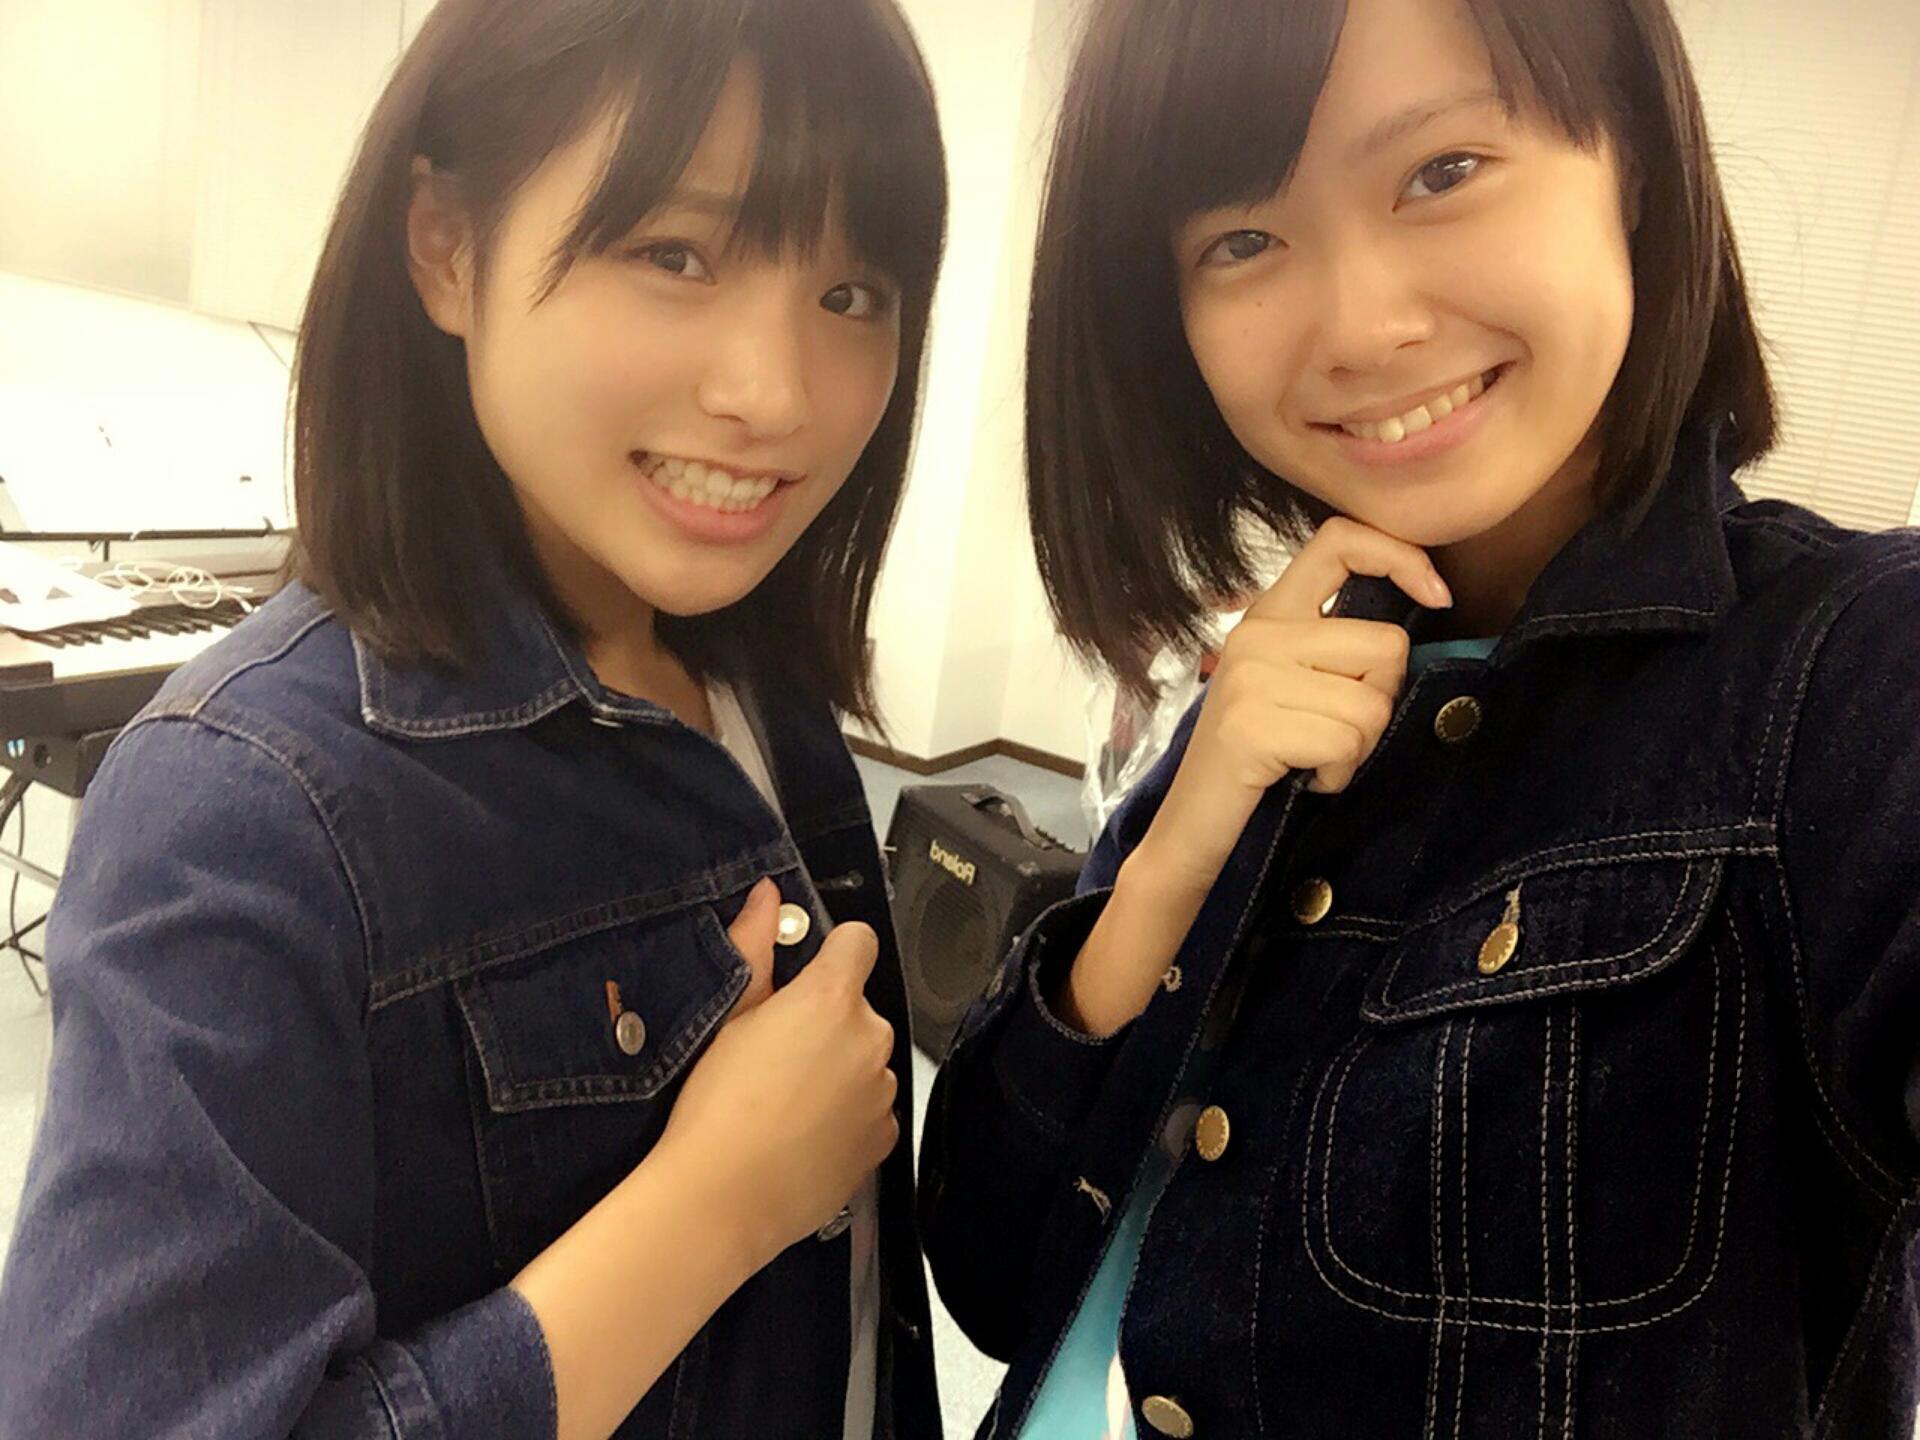 【AKB48】小田えりな応援スレ2【チーム8神奈川】 [転載禁止]©2ch.net YouTube動画>29本 dailymotion>1本 ->画像>313枚